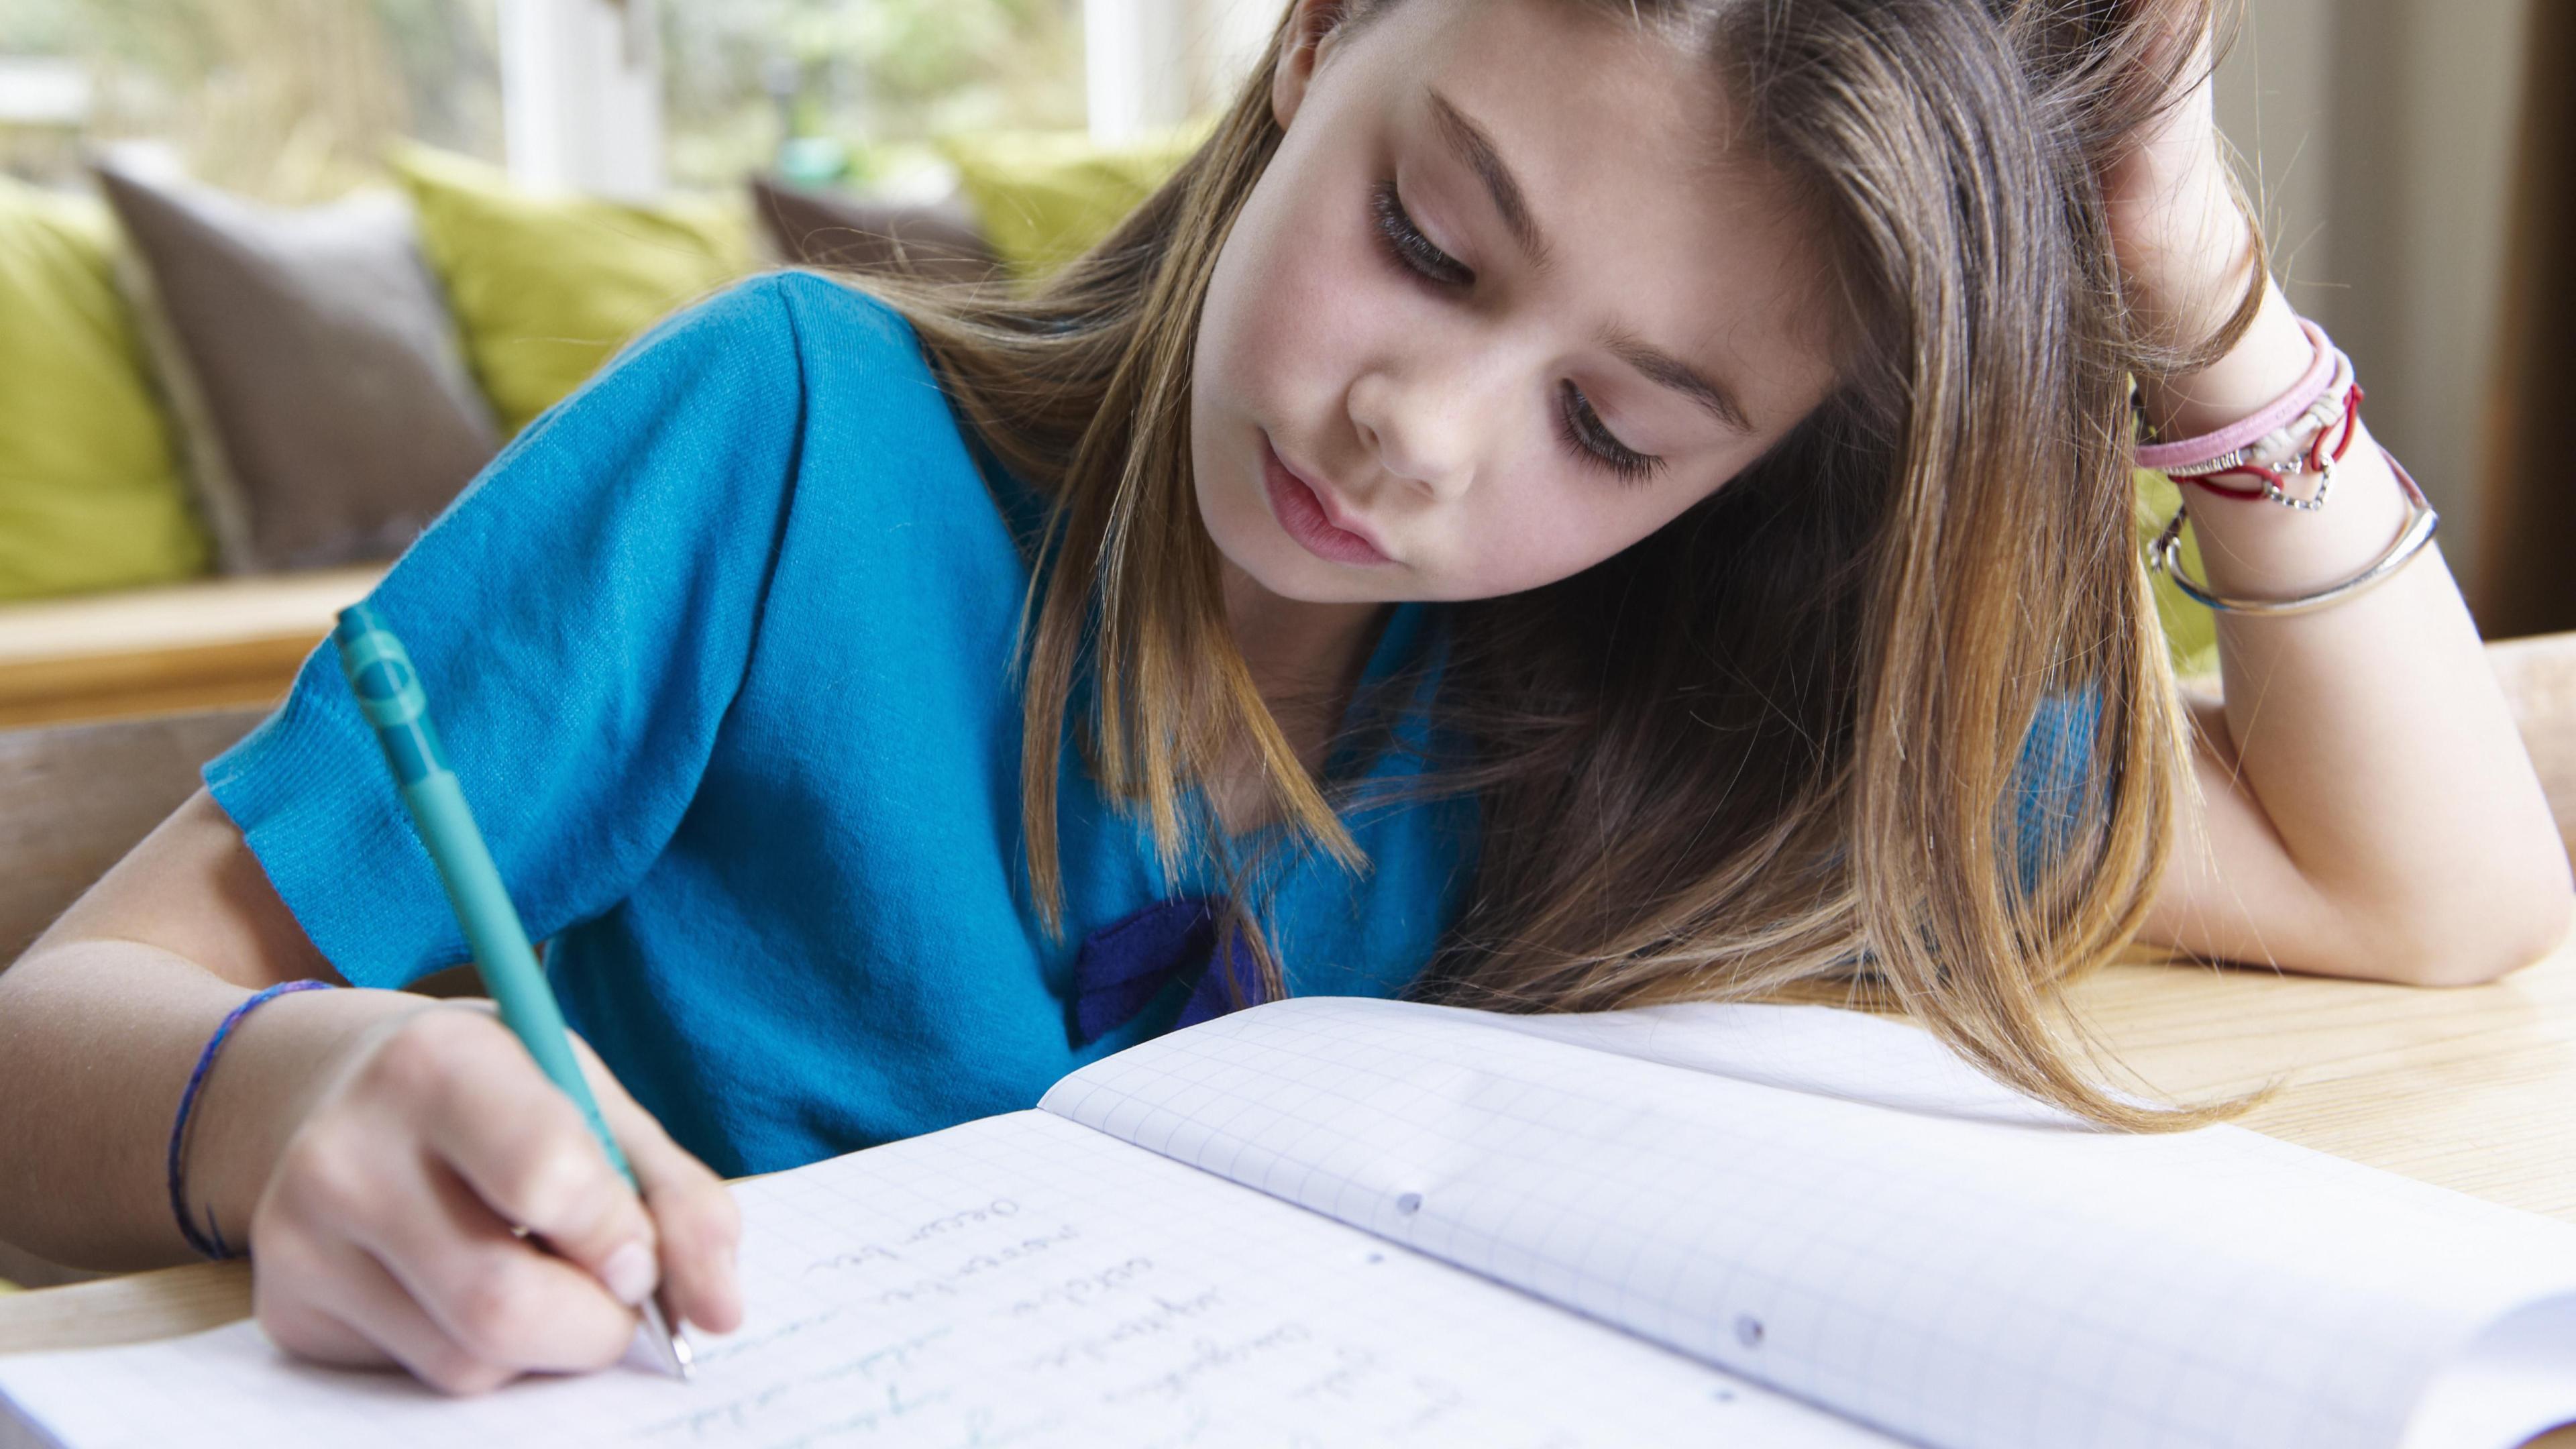 Пандемия благотворно повлияла на психическое здоровье школьников